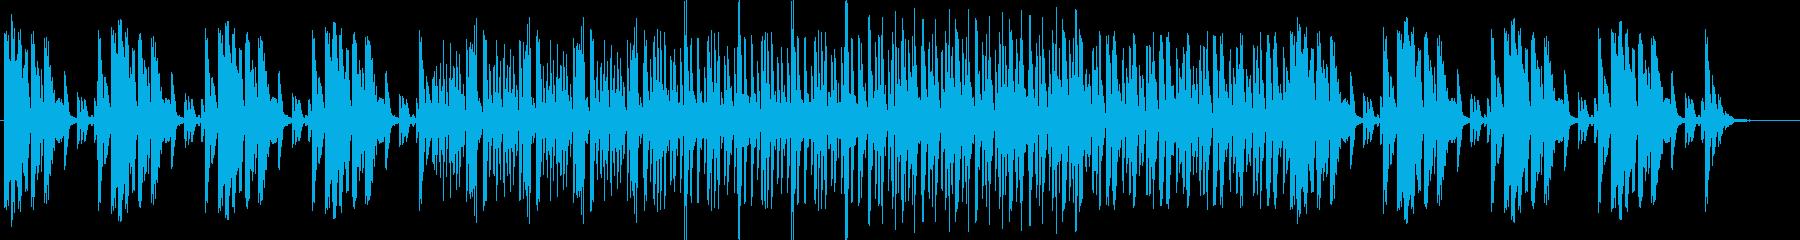 メロ無しファクトリーサウンド。CM,映像の再生済みの波形